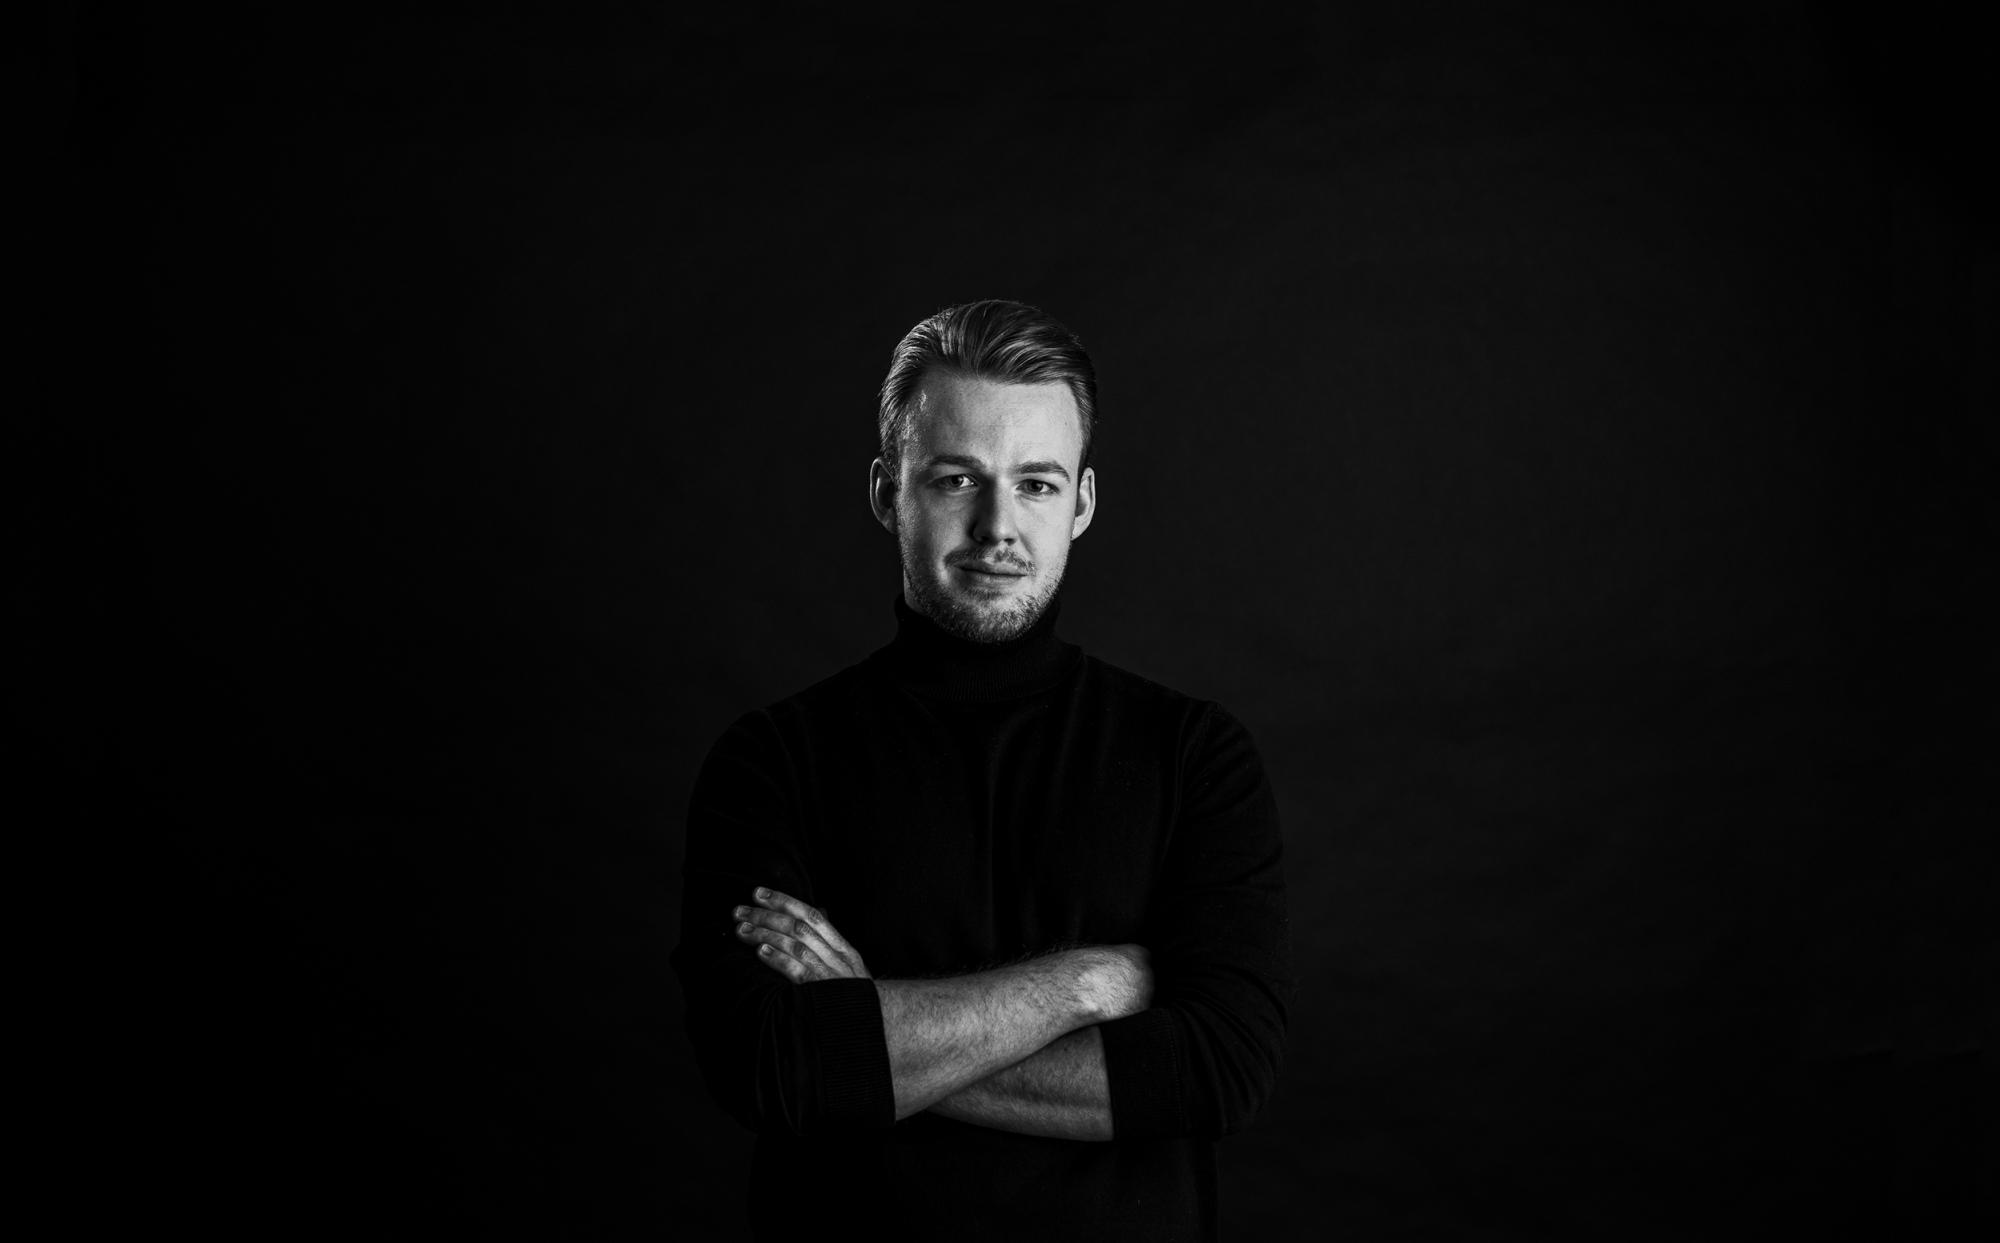 Patrick Schlauer